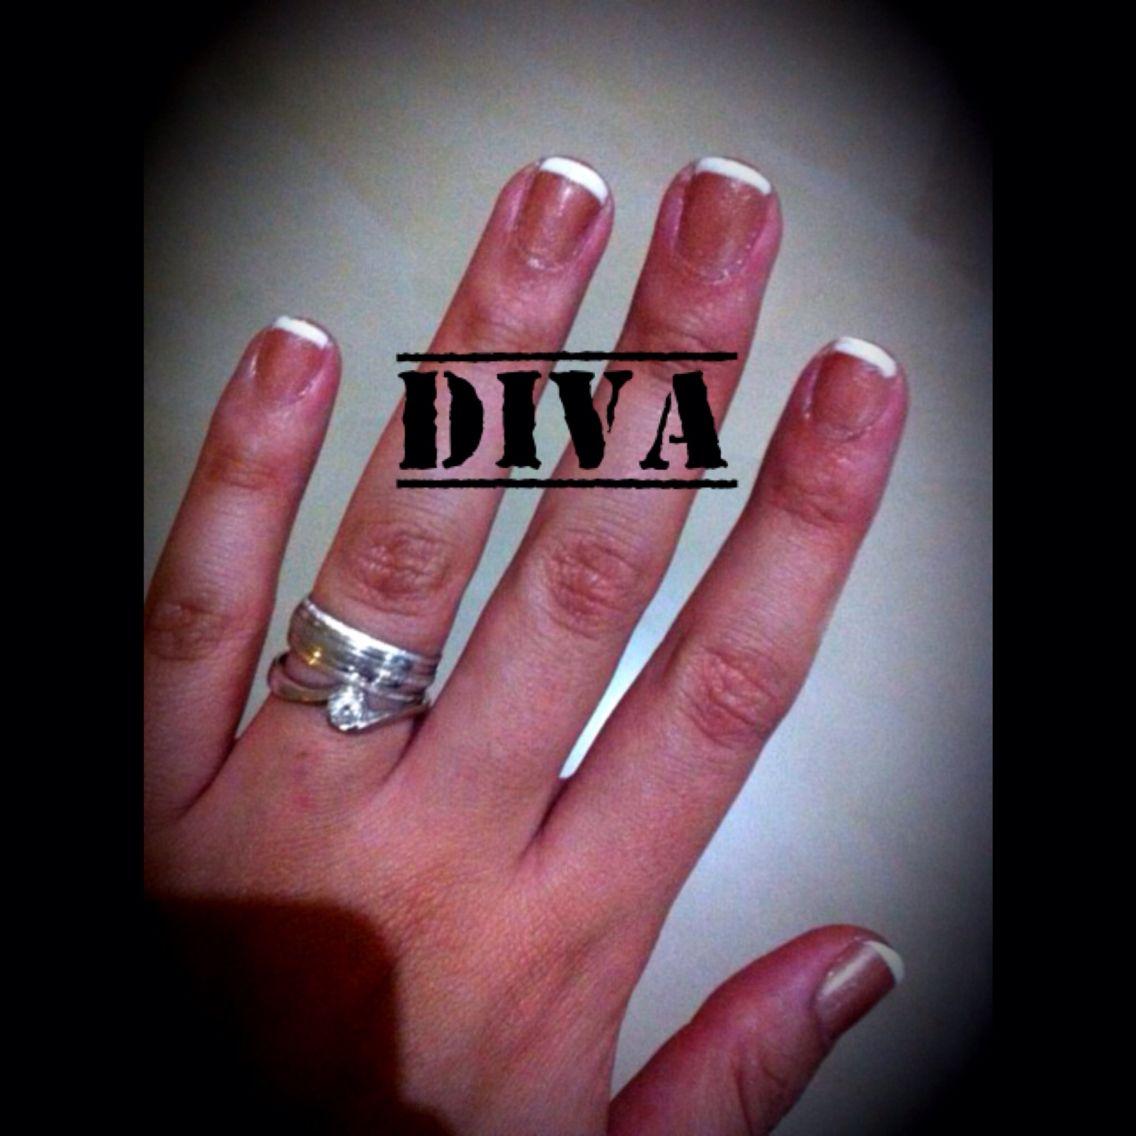 Excelente Uñas Diva Componente - Ideas de Diseño de Arte de Uñas ...